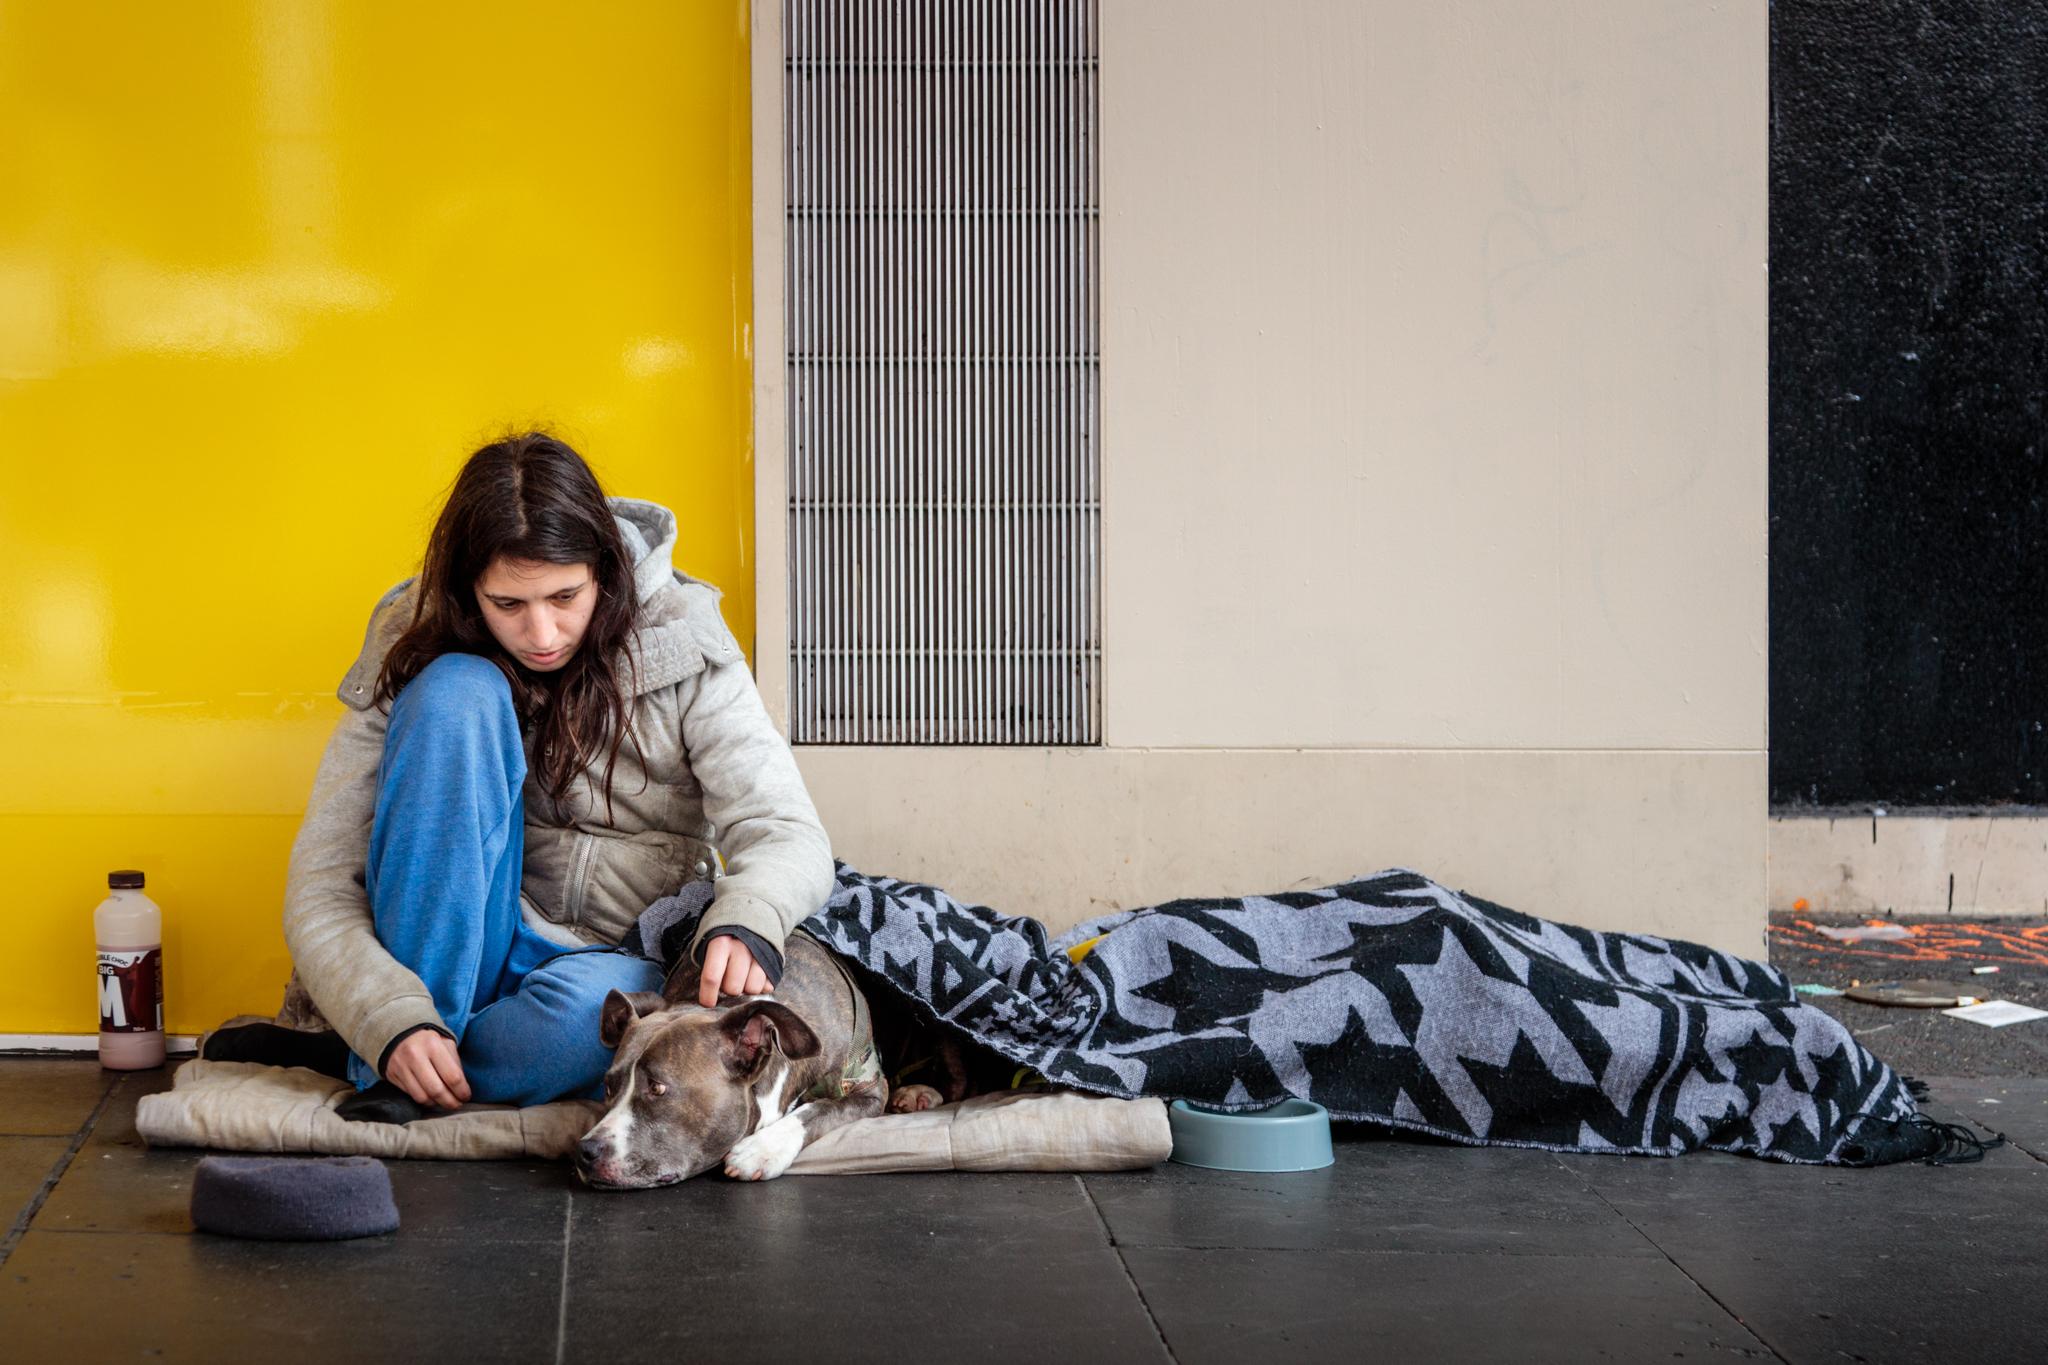 homeless-girl.jpg